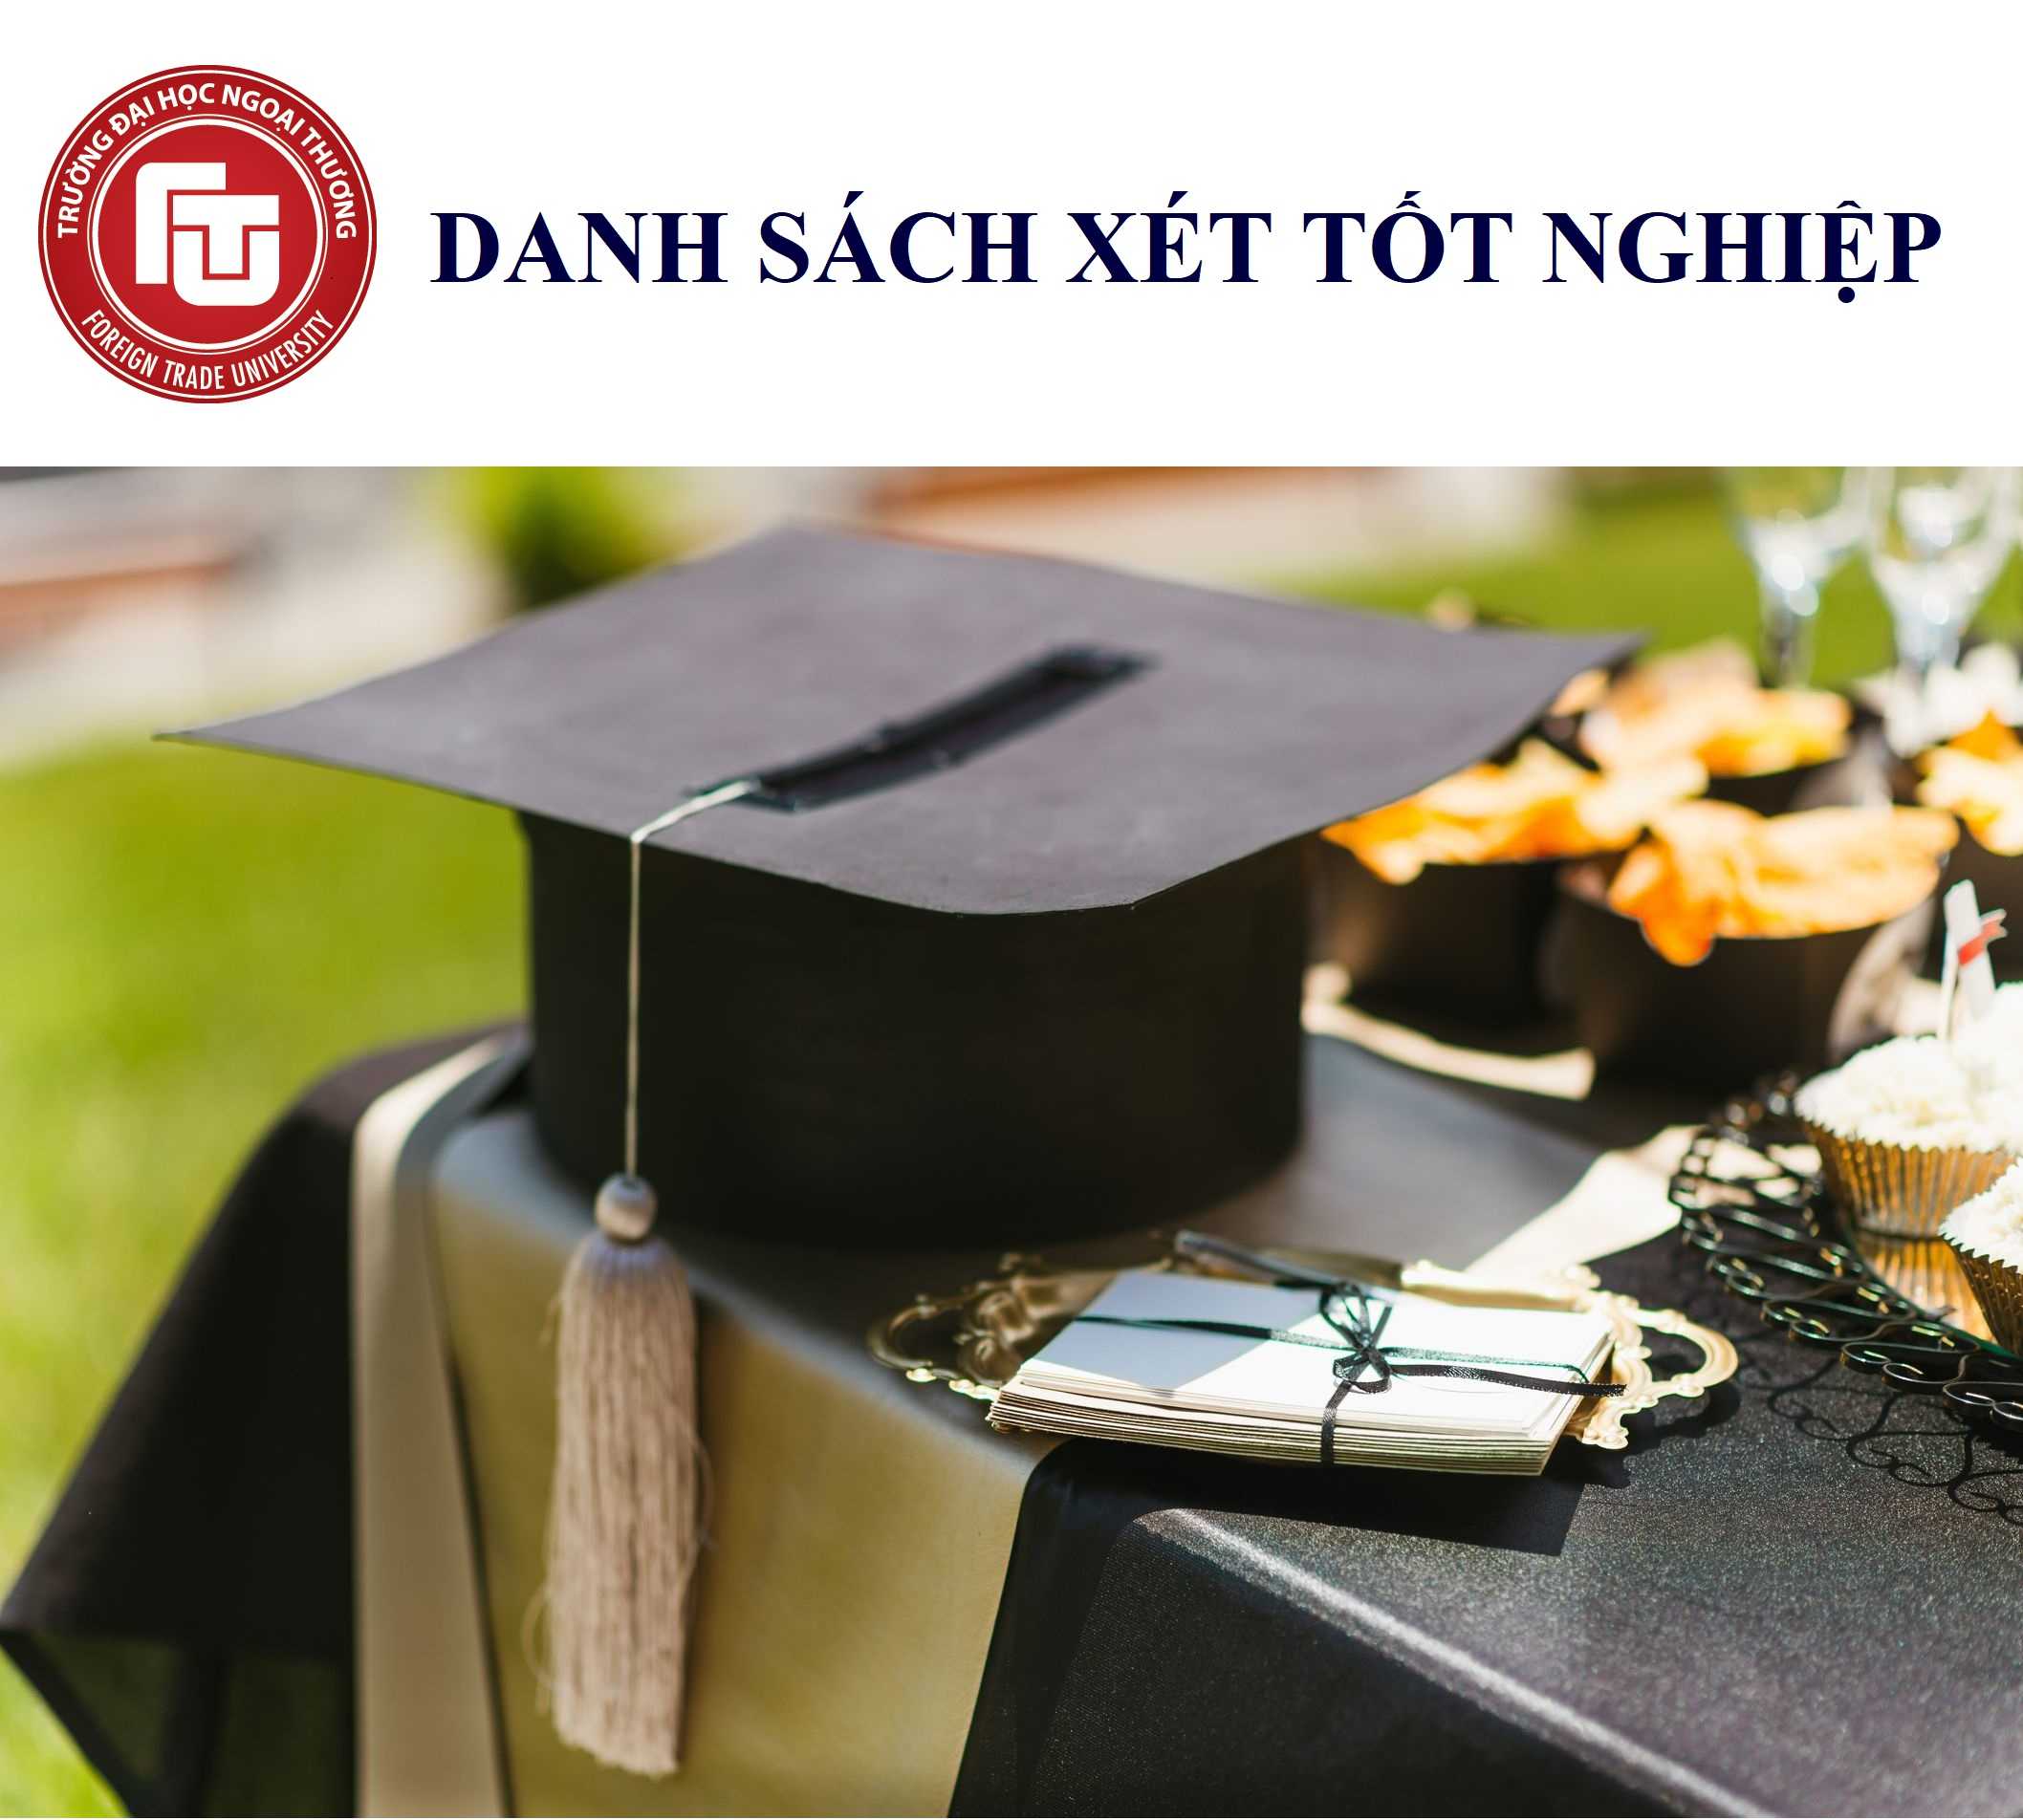 Danh sách dự kiến xét tốt nghiệp khóa 17B, 21, 22A các chuyên ngành KTQT, QTKD, KDTM, TC-NH và Chính sách & Luật TMQT